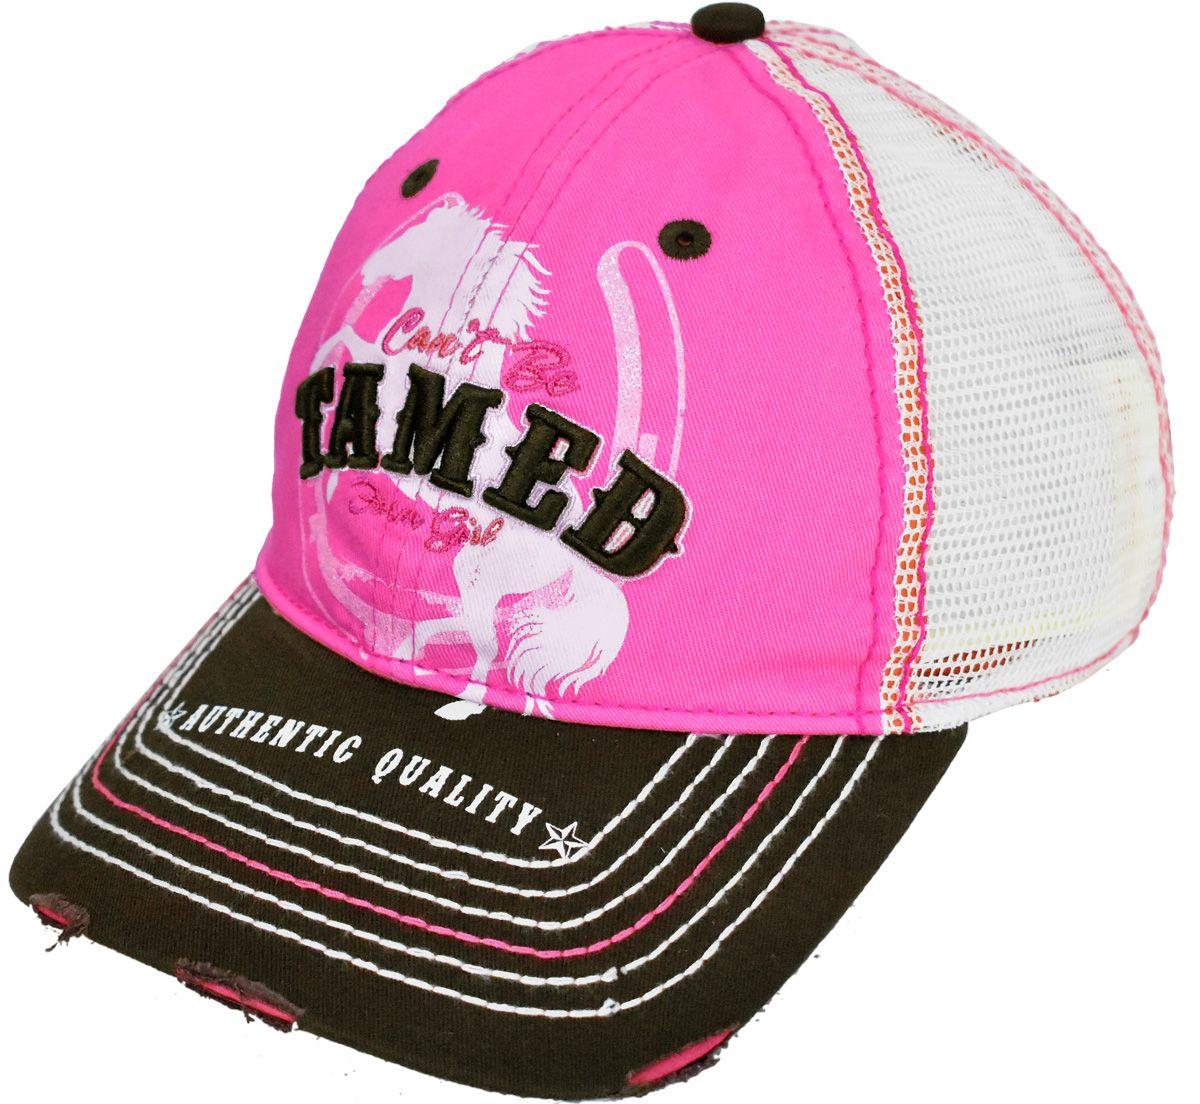 9945833c76430 Feminino Farm Girl Pink com Tela e Fechamento em Velcro Boné importado Farm  Girl em 100